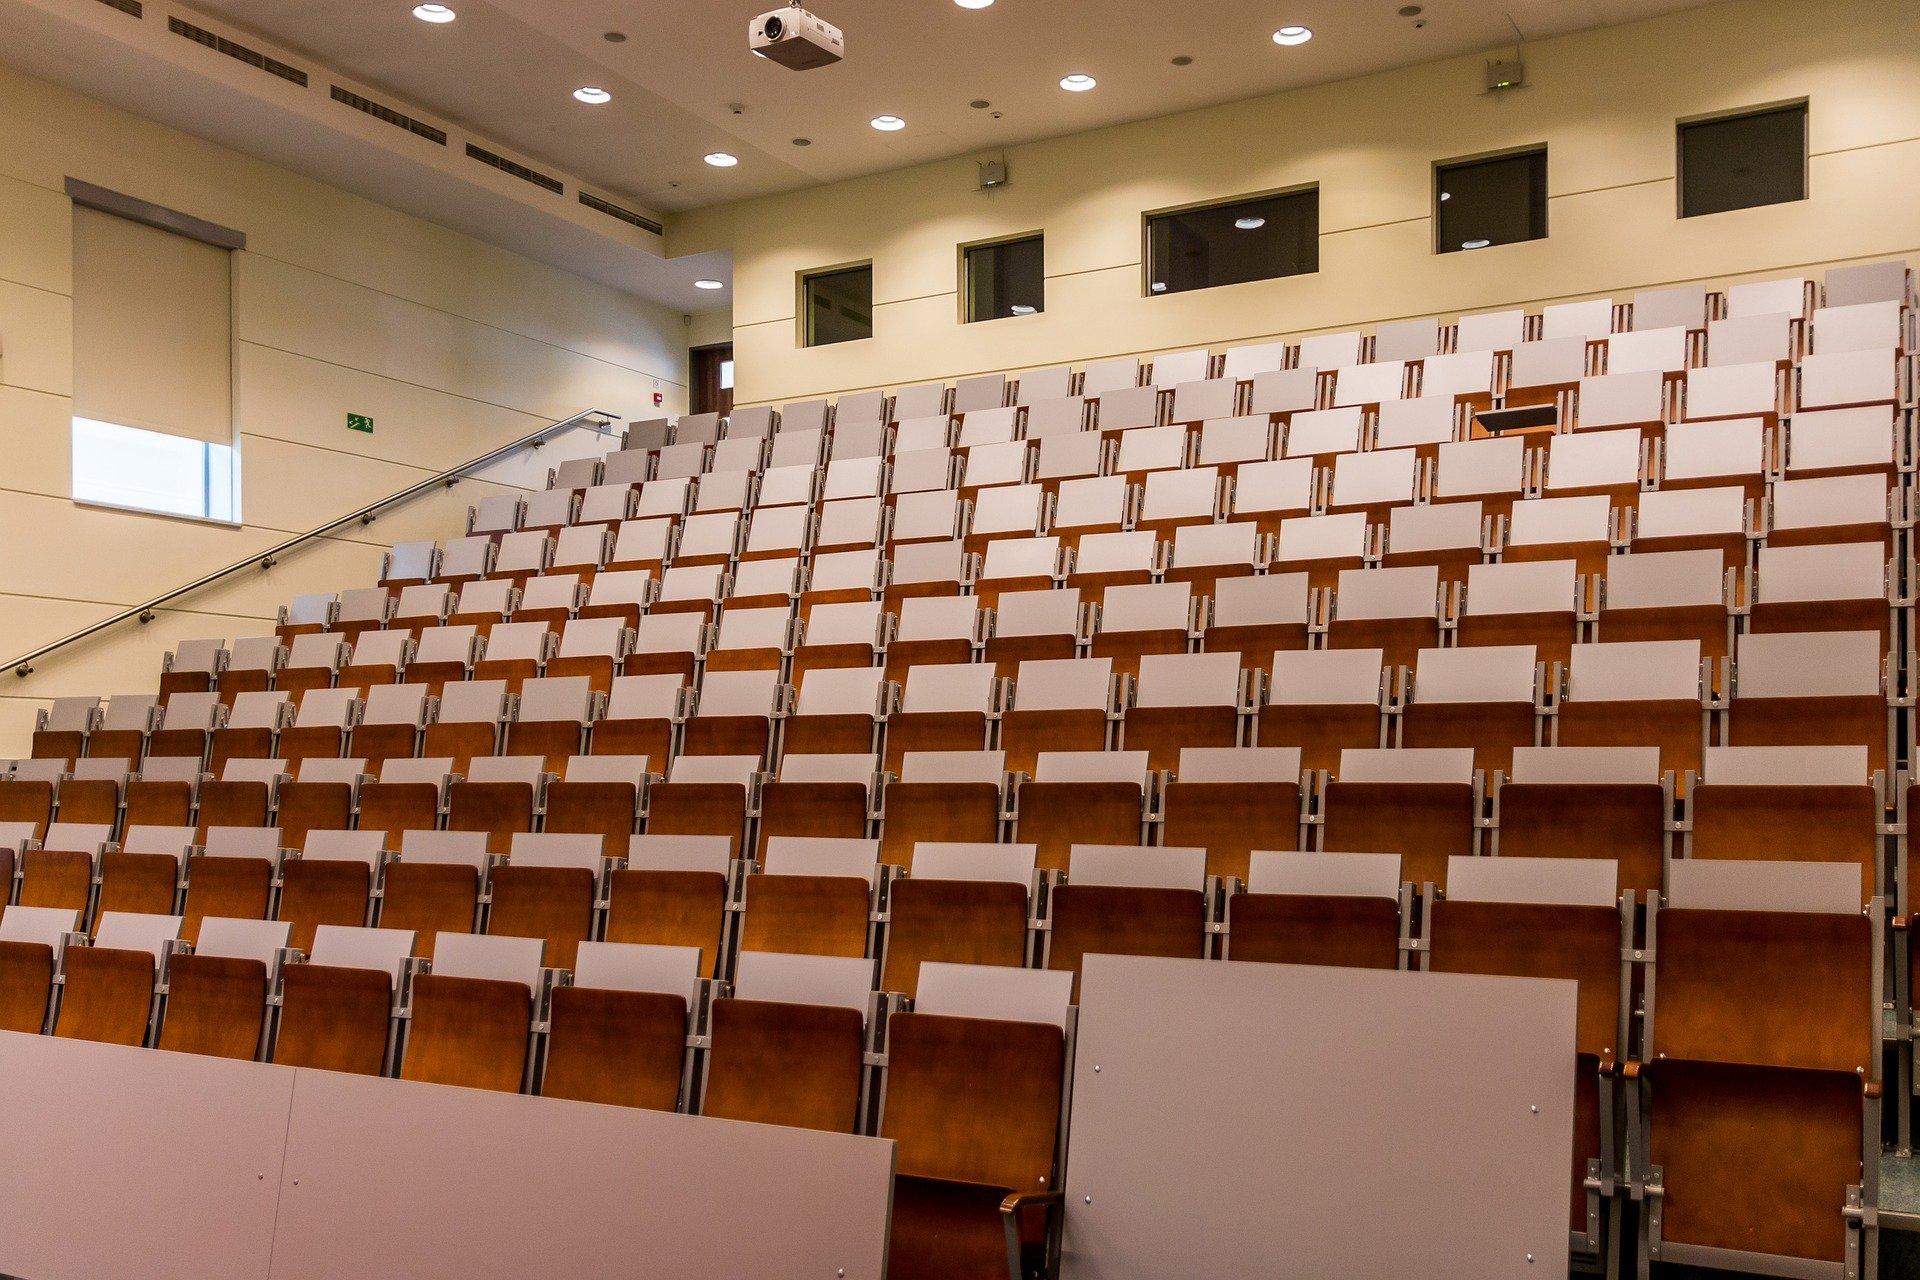 Hörsaal Für Studenten Und Zuhörer Germania Inkasso Inkasso Im Bildungswesen